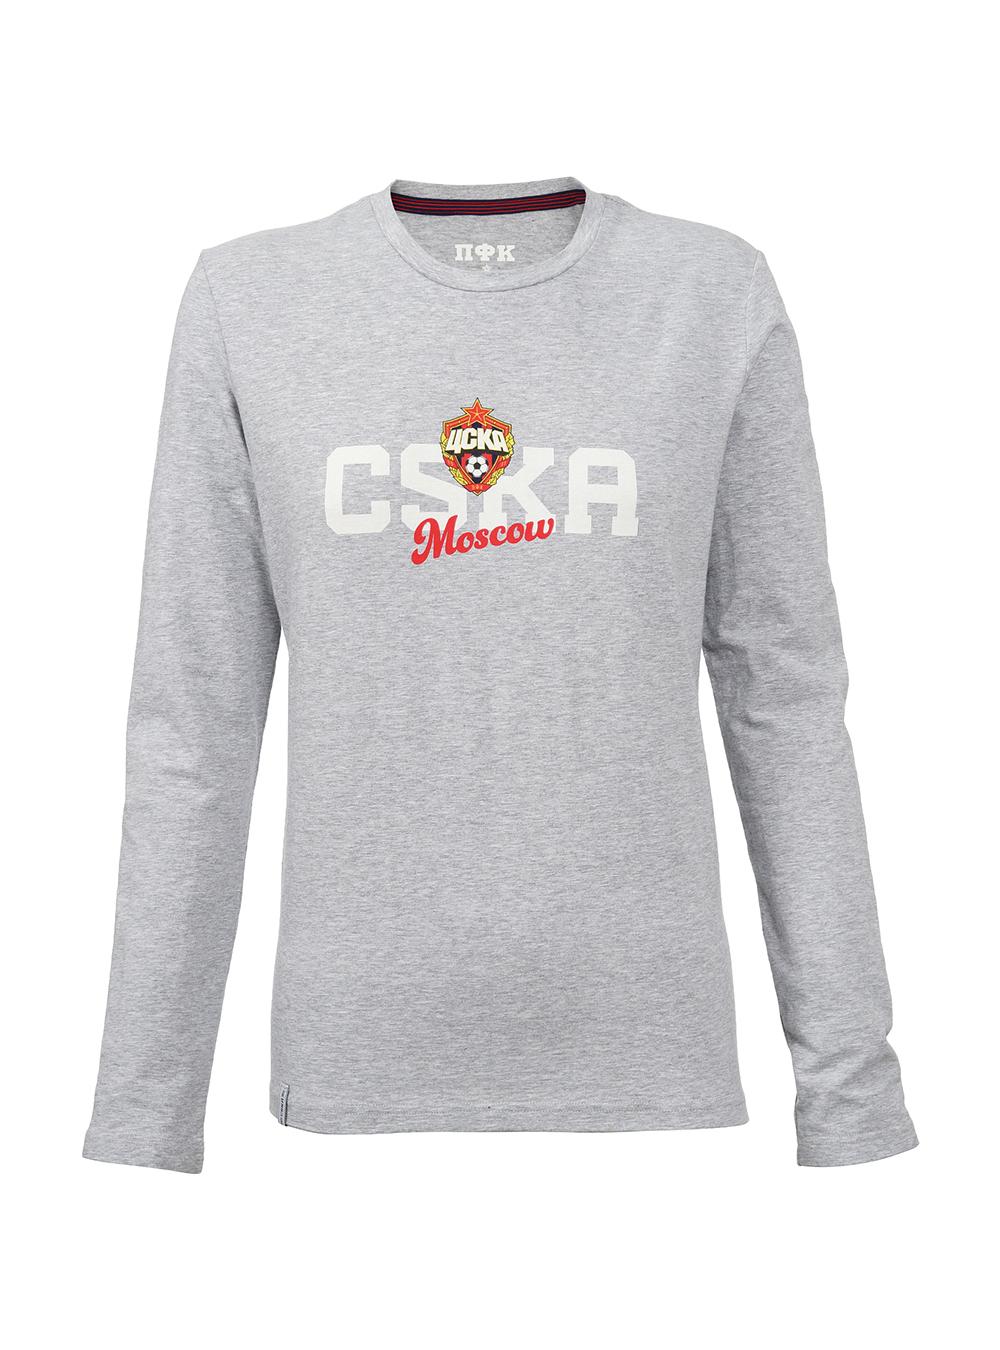 Купить Футболка с длинным рукавом женская «CSKA Mosсow», цвет серый (XL) по Нижнему Новгороду